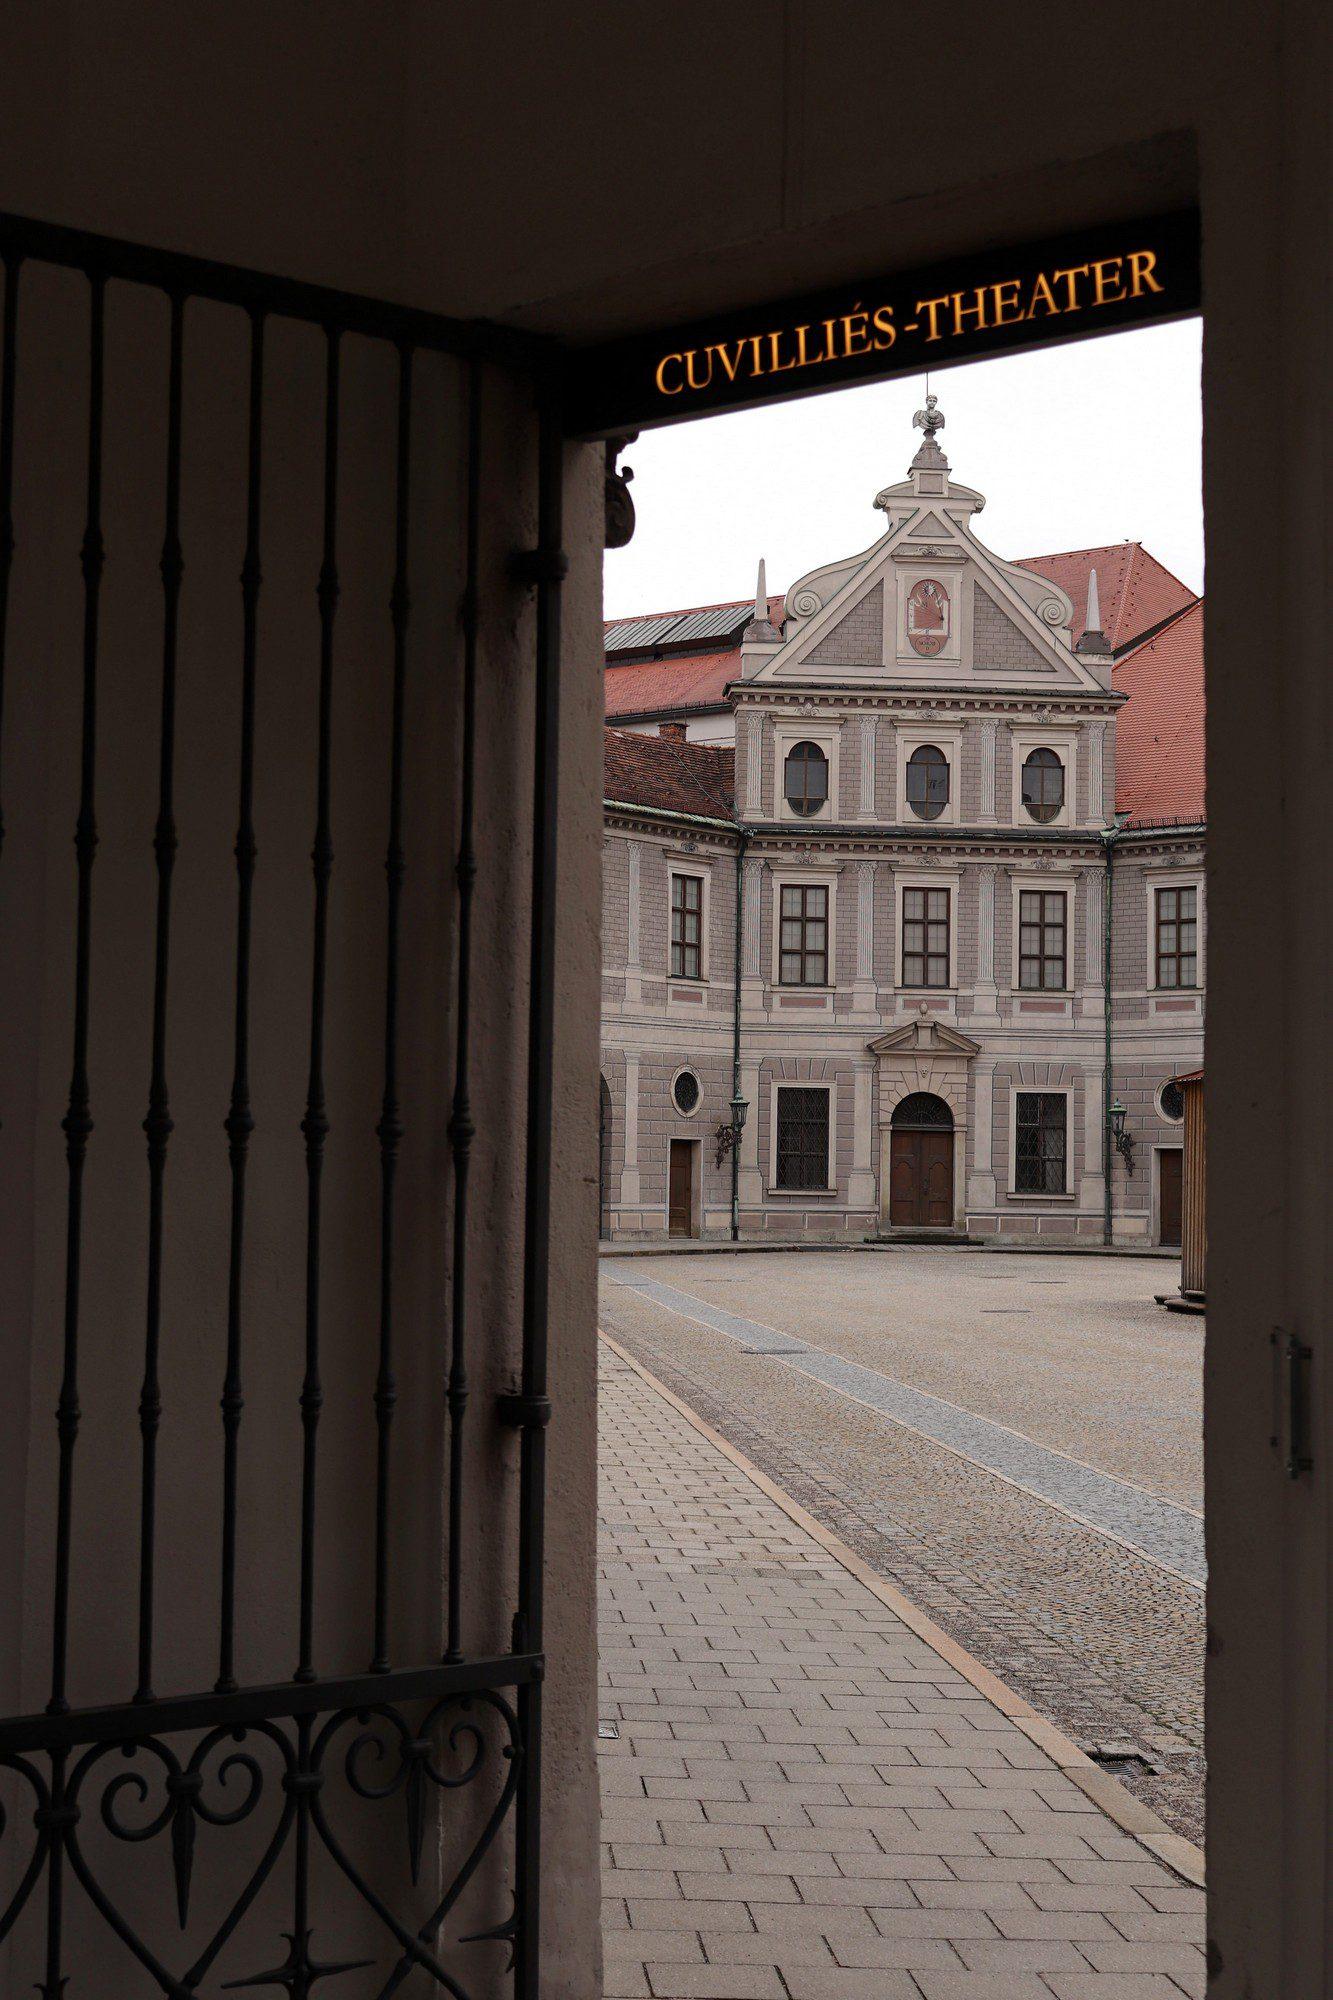 Blick in einen Innenhof der Münchner Residenz